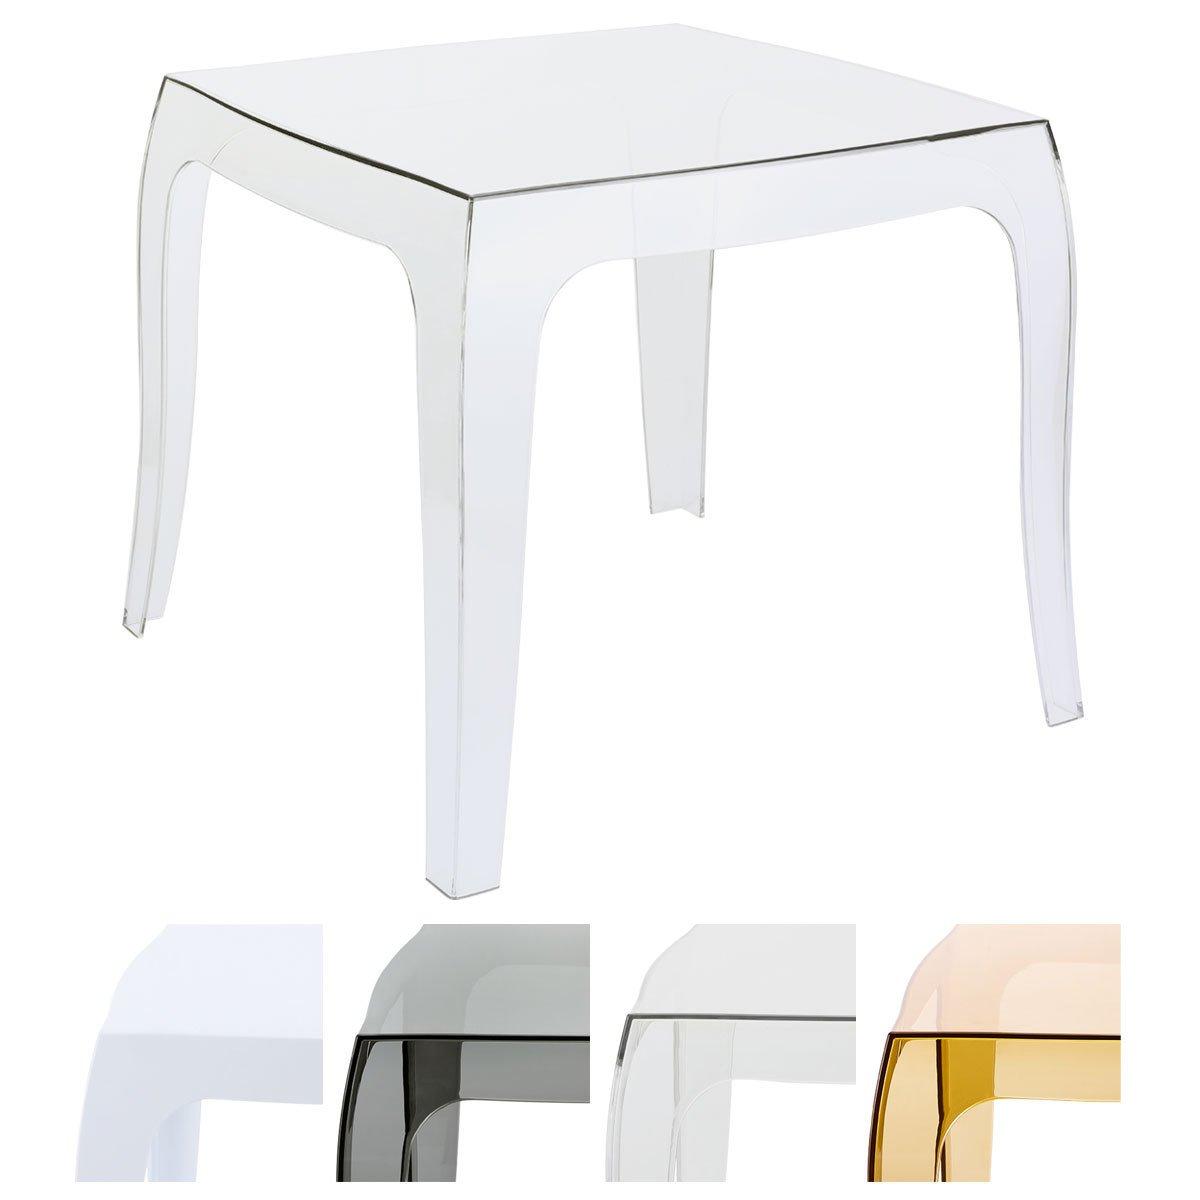 CLP Tavolino Moderno da Salotto in Polipropilene Queen   Tavolino da Appoggio Quadrato da Esterno   Tavolino Soggiorno in Plastica Robusta   Tavolino da Giardino Trasparente